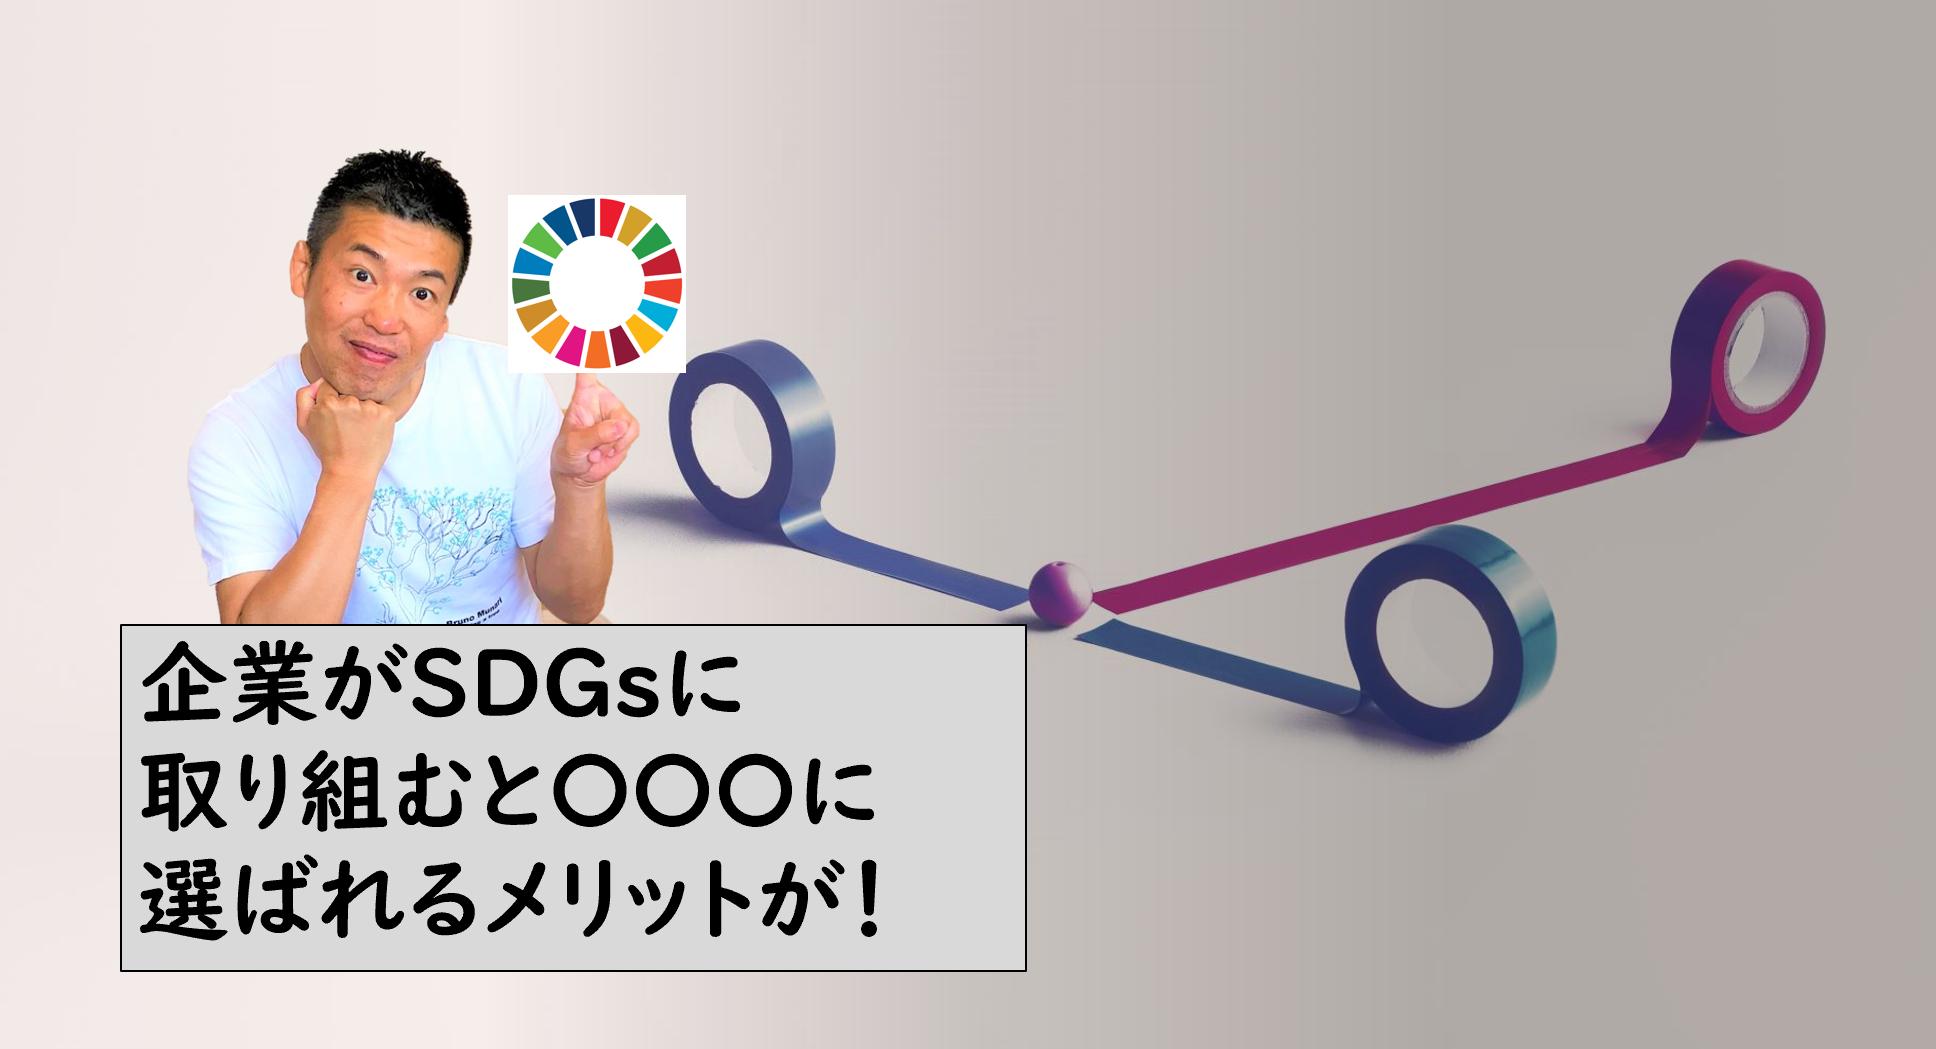 SDGsに取り組む企業のメリットです